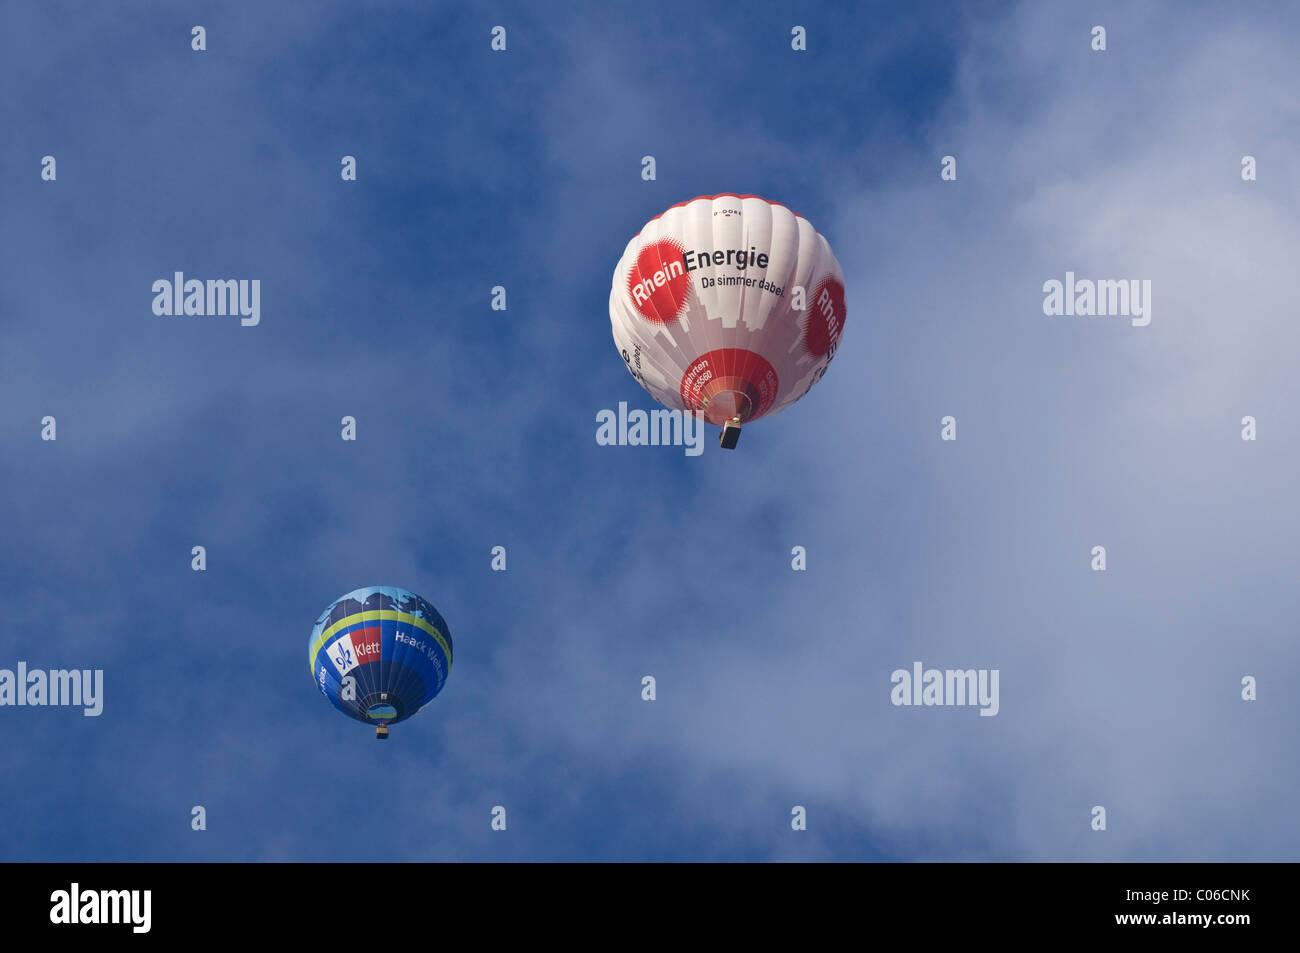 Dos globos de aire caliente, Klett Verlag y Rheinenergie, delante de un cielo nublado Imagen De Stock